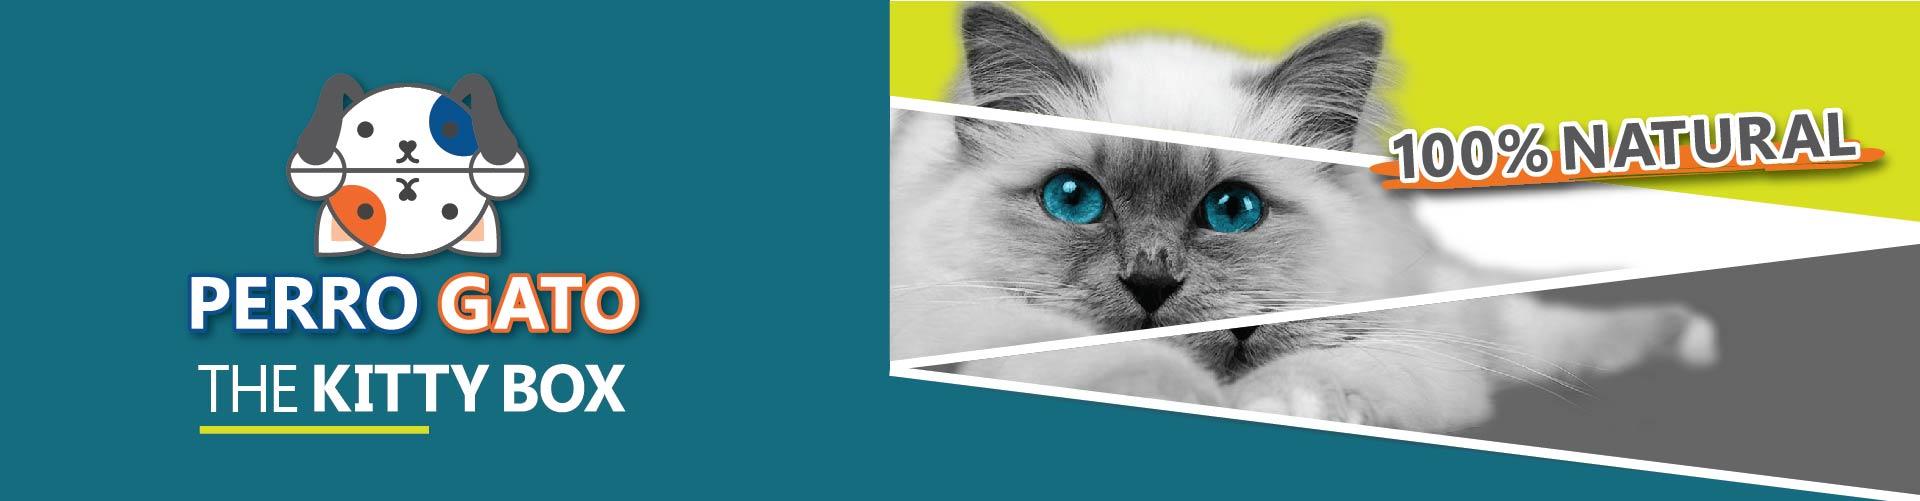 perro gato slide-01